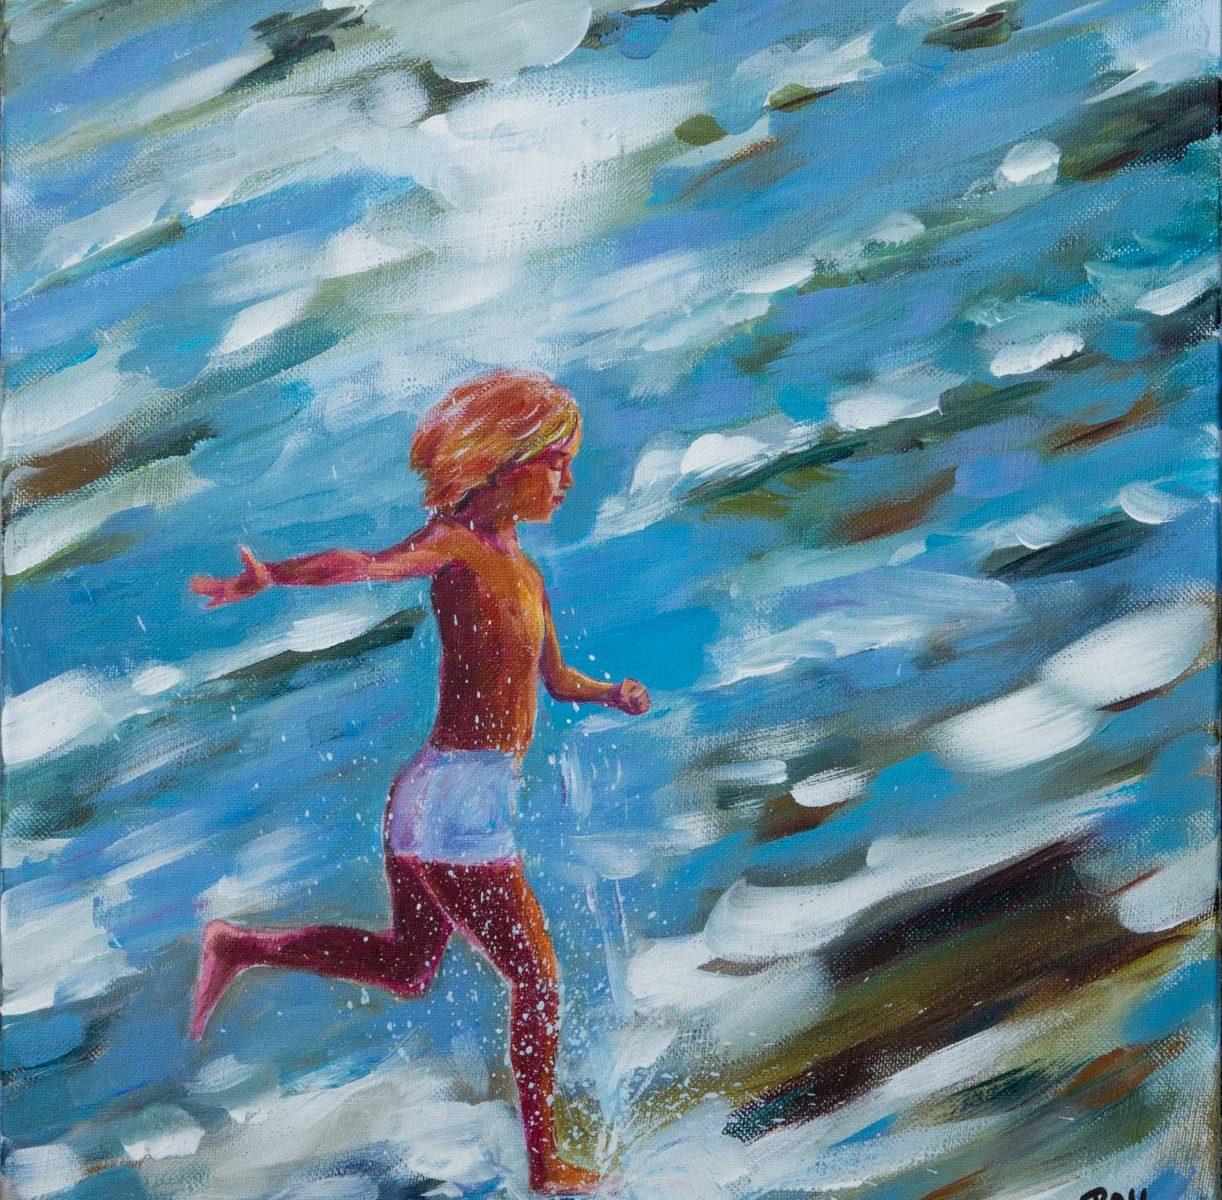 Tableau de Raymond ALTES titre : Courir en toute liberté